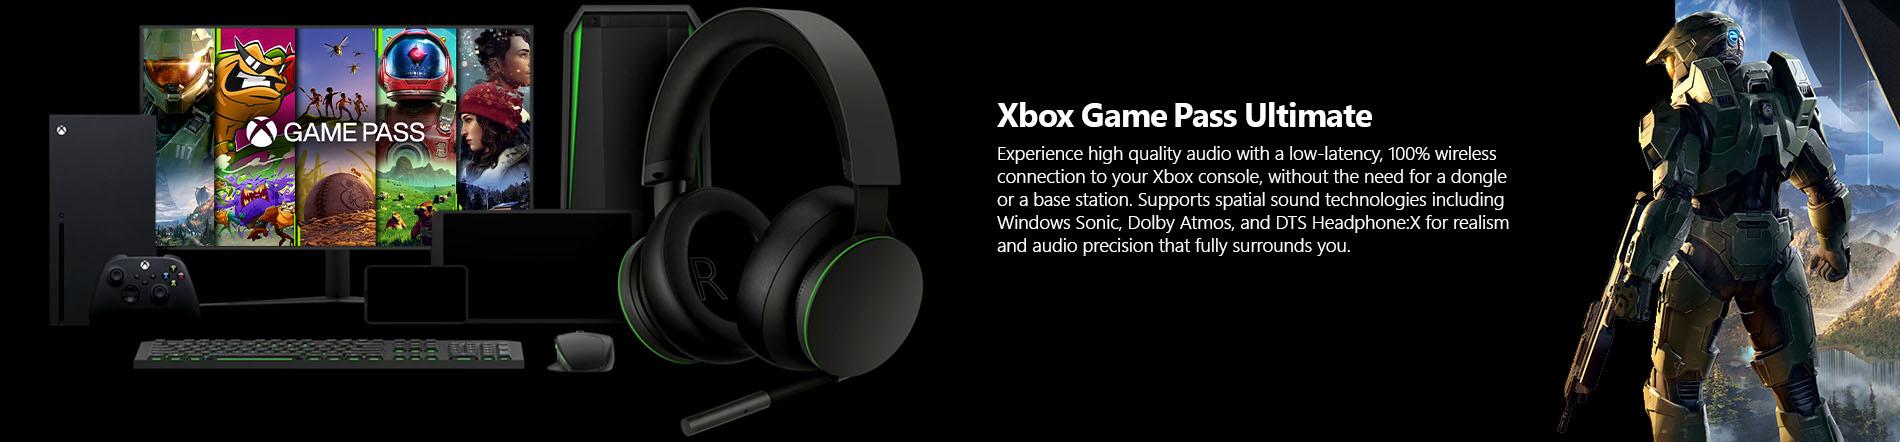 XboxHeadsetLaunch 2.21gamepass